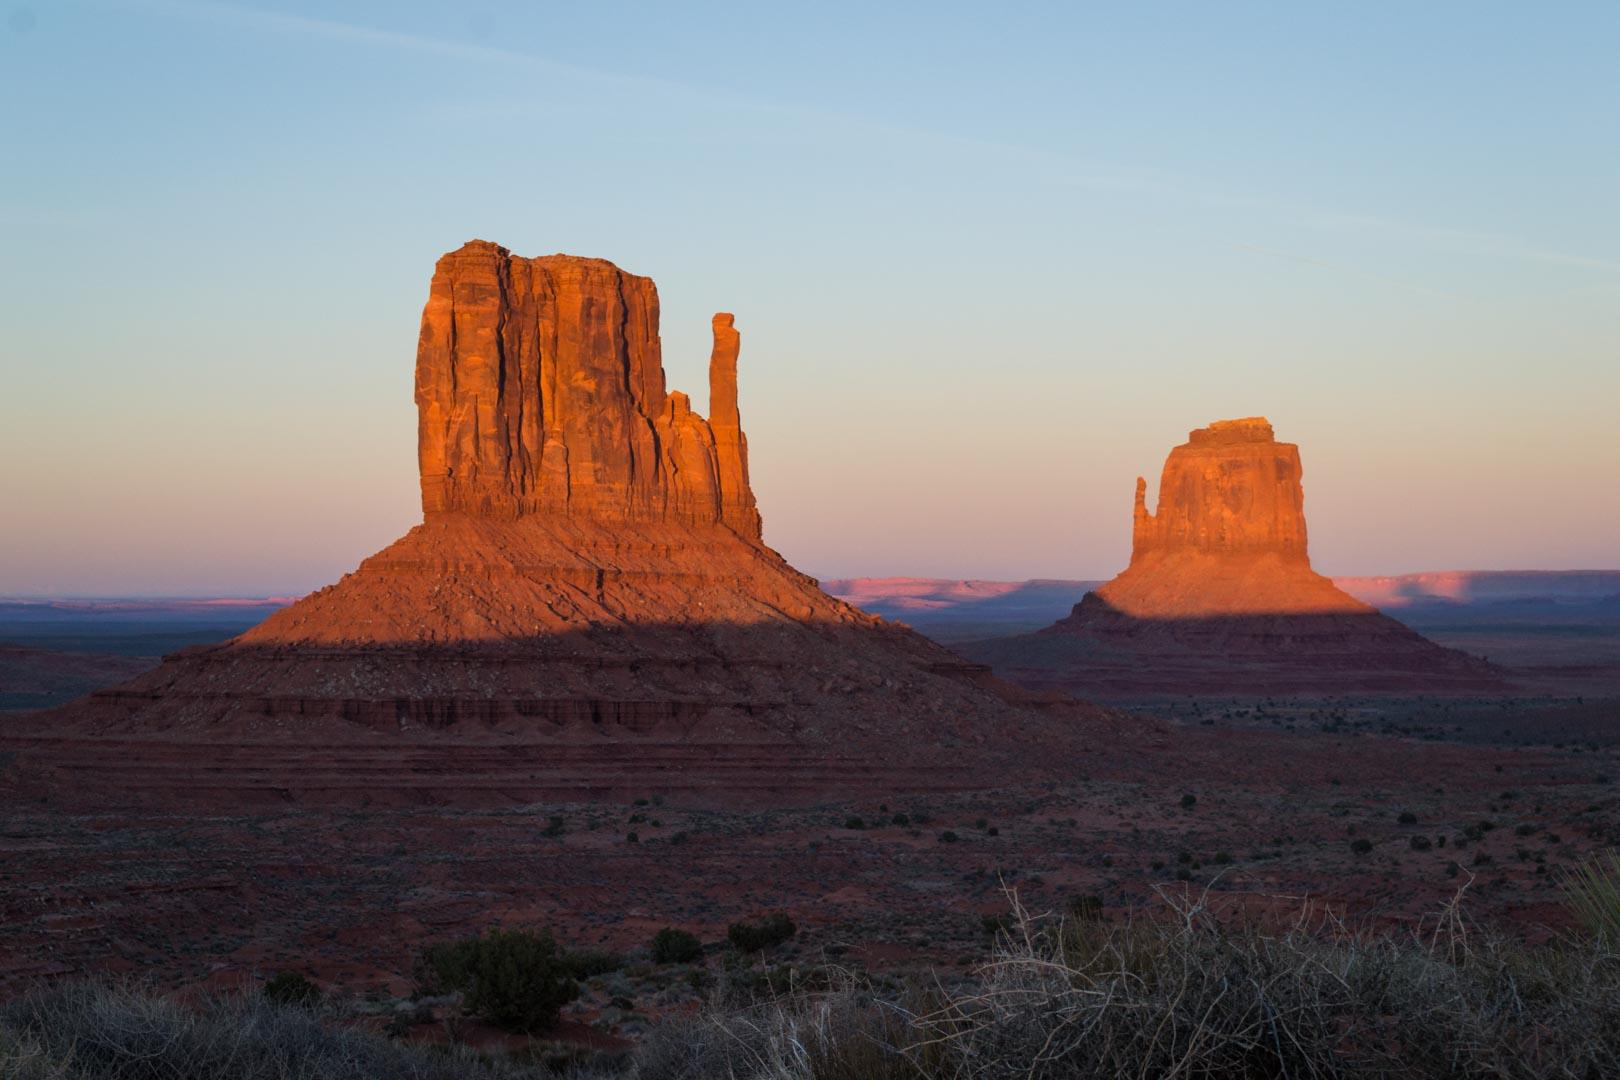 Quand le Soleil descend, seul le haut des immenses rocs rougit